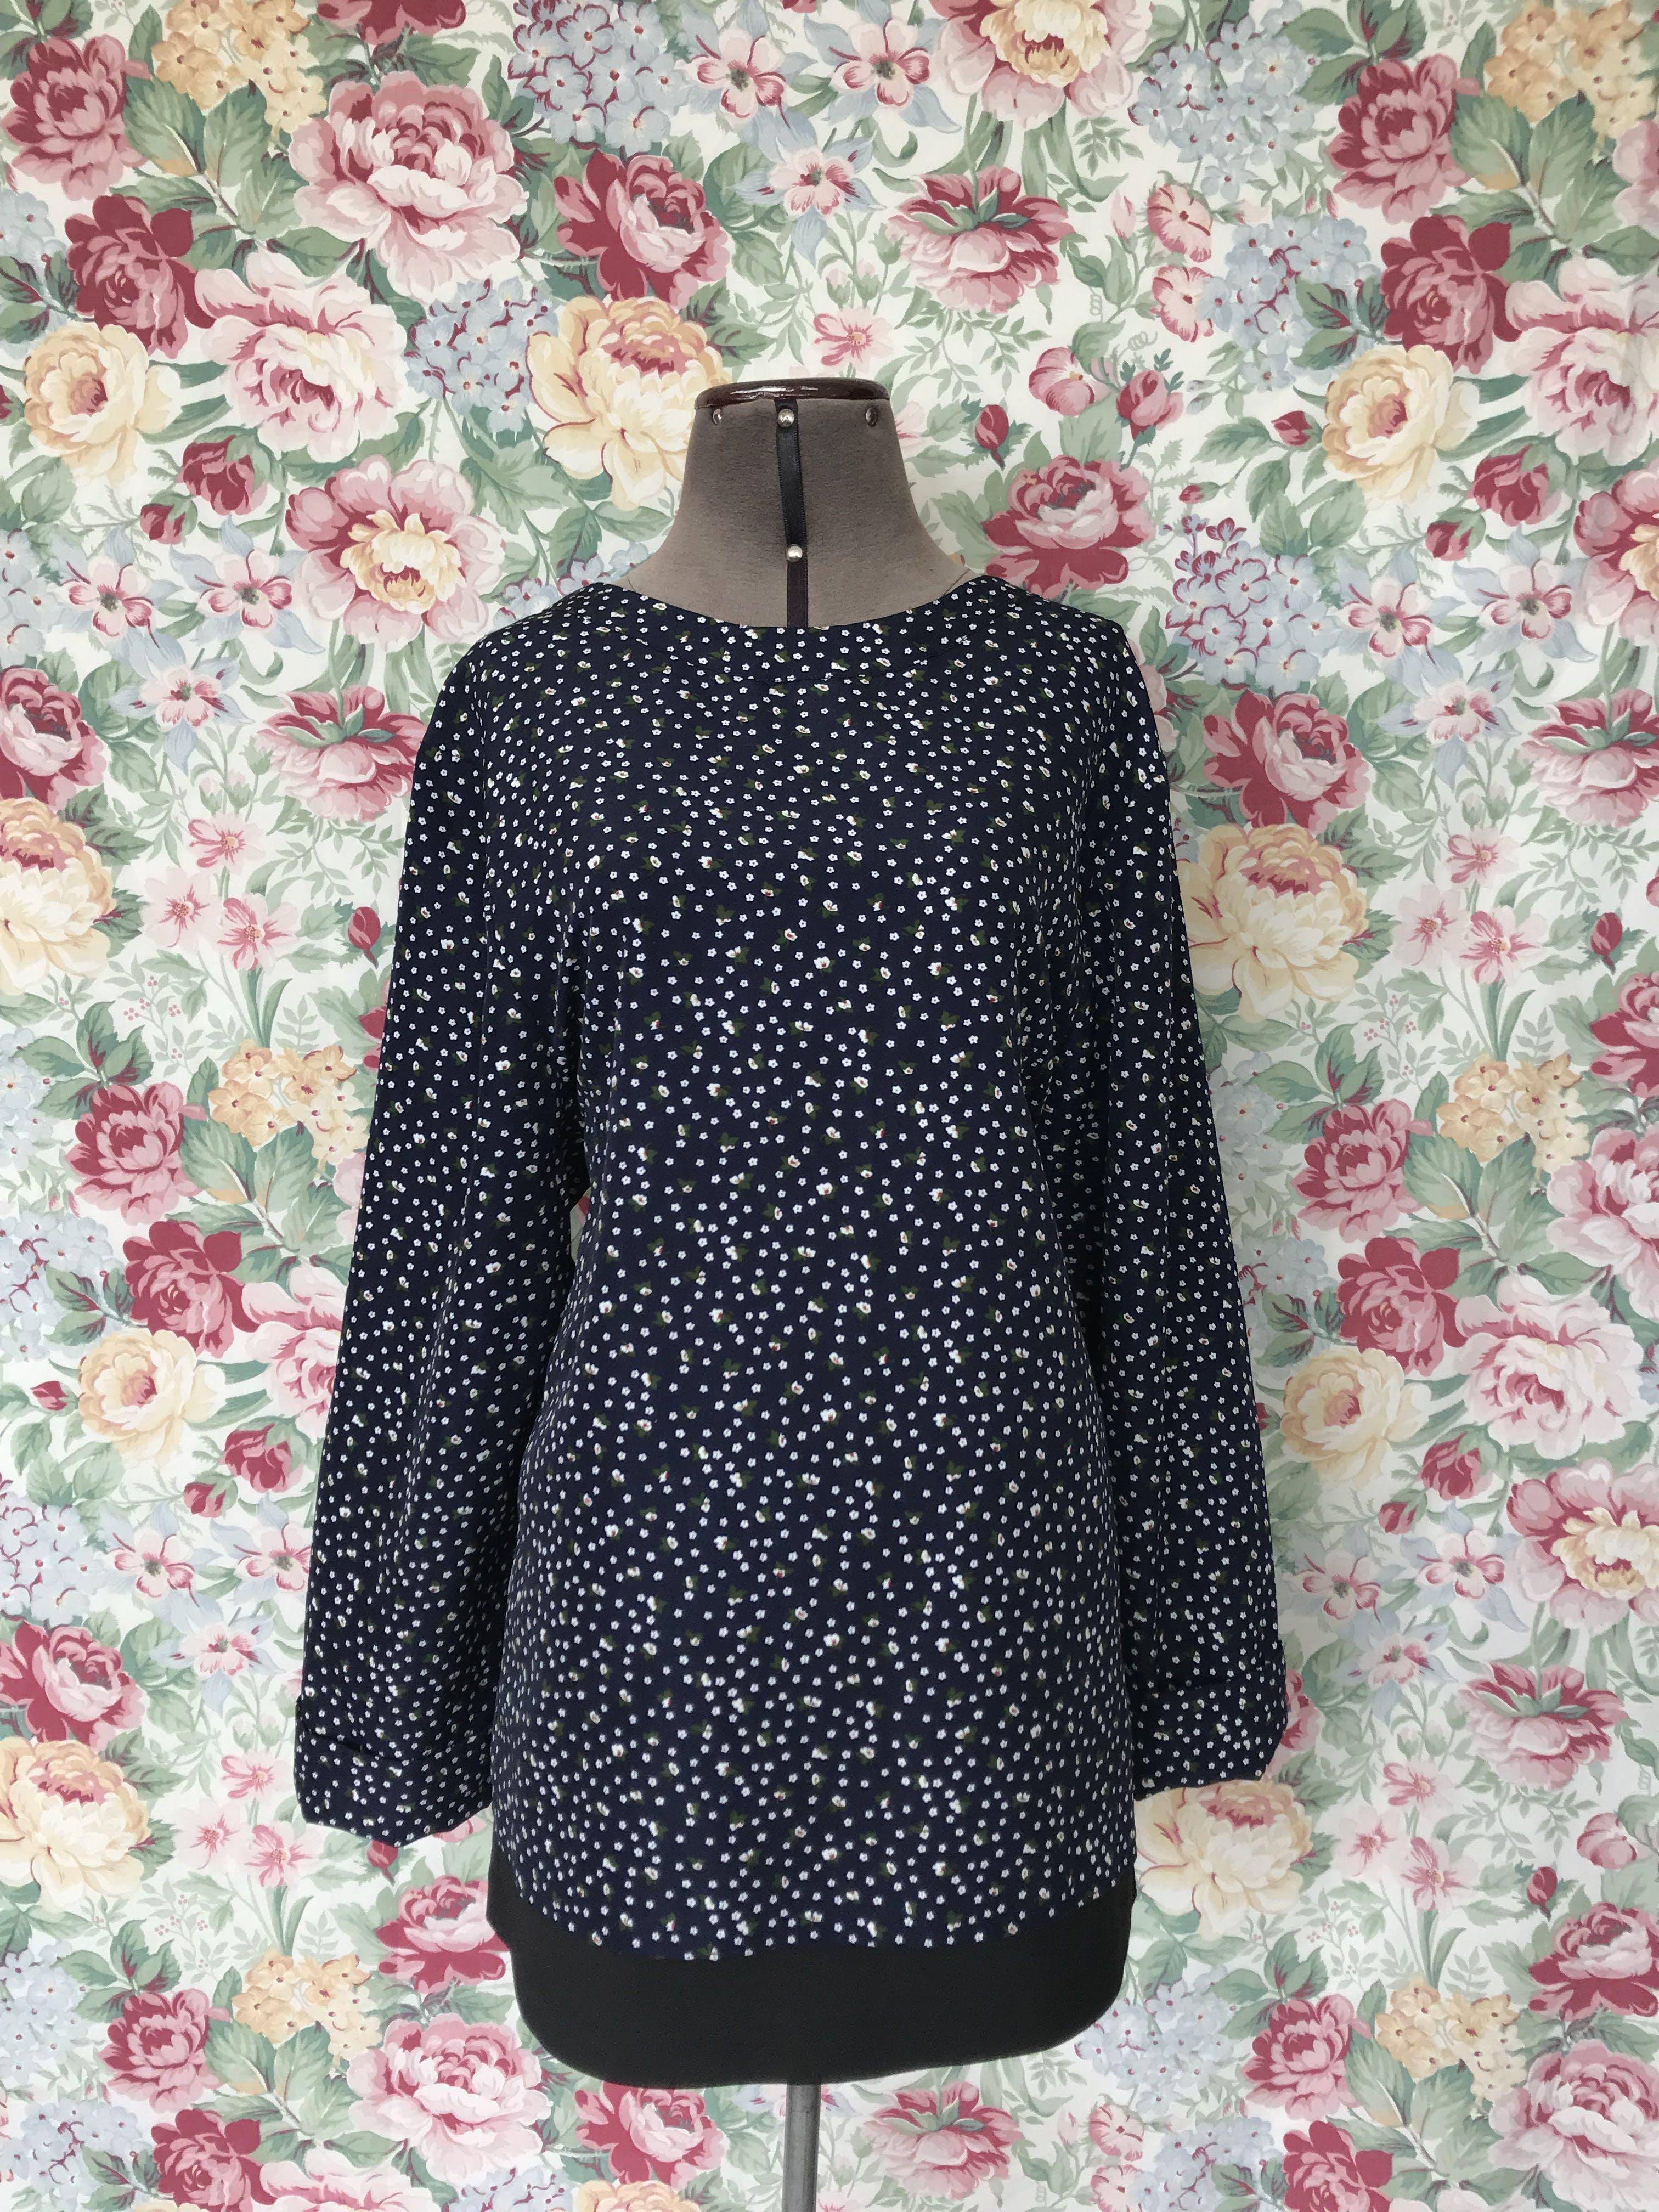 Blusa fondo azul con estampado de florcitas blancas, con botones nacarados en el cuello y doblez en las mangas Talla L